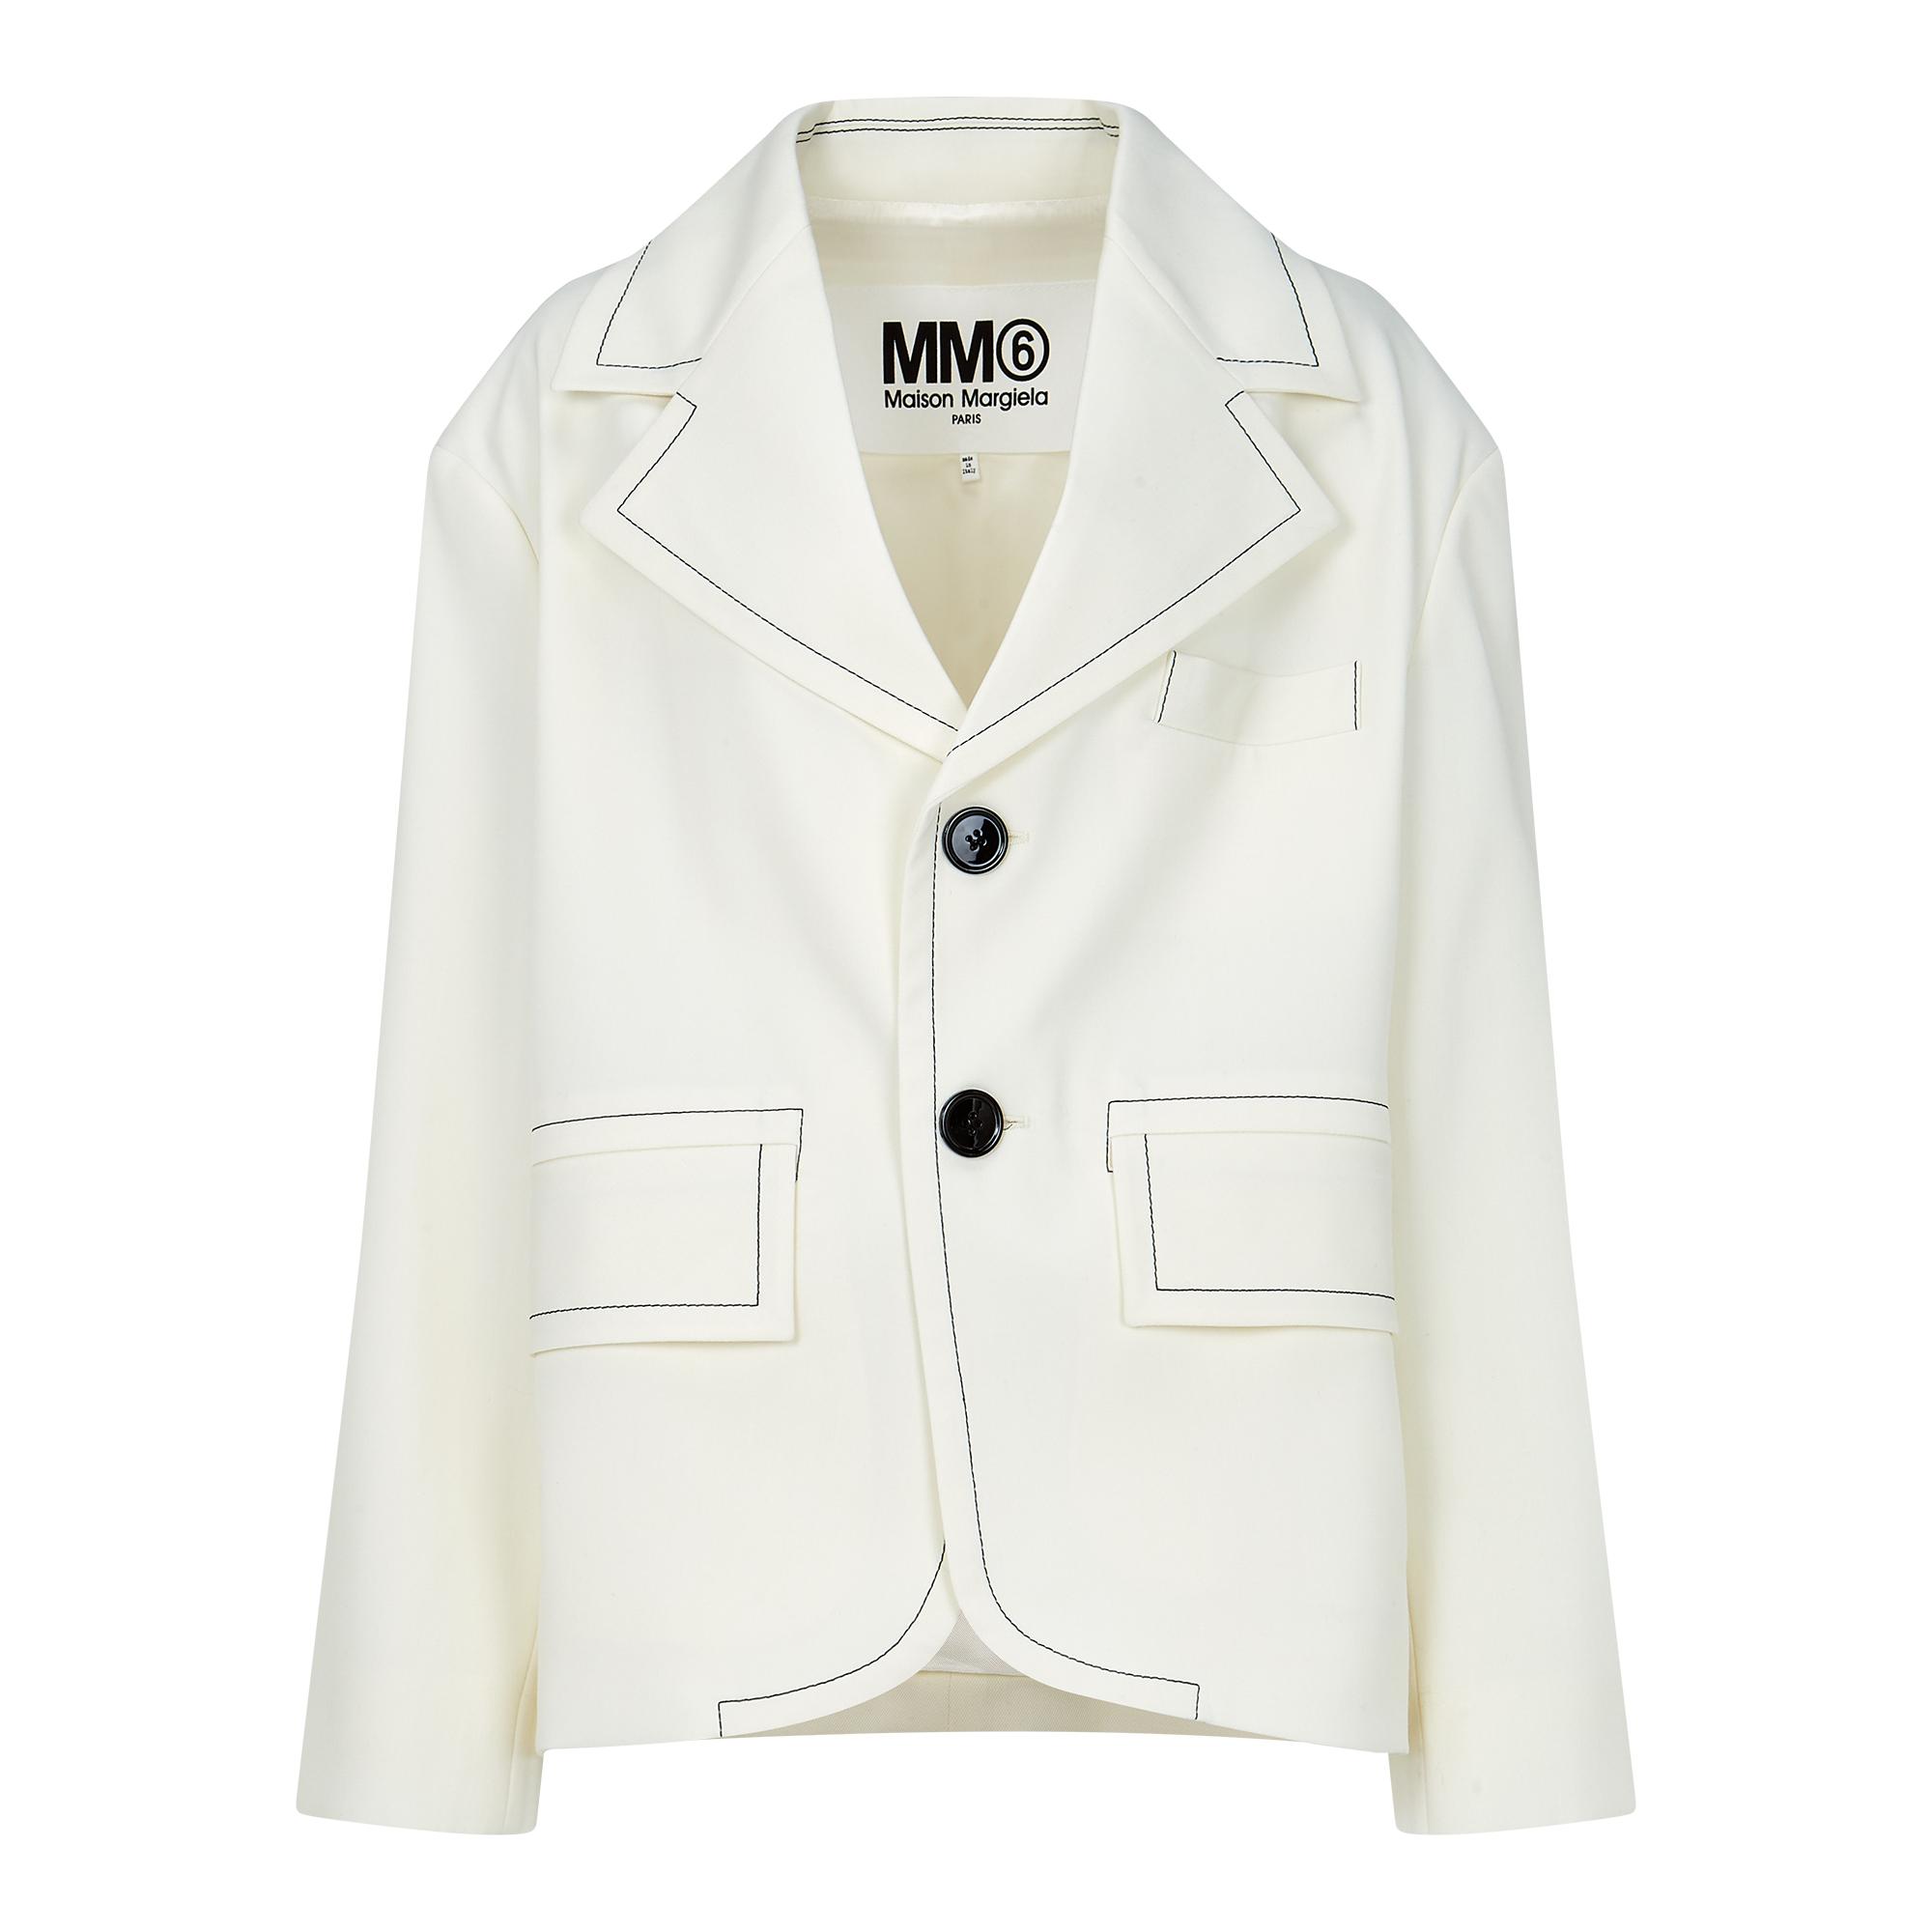 [MM6]스티치드 싱글 자켓